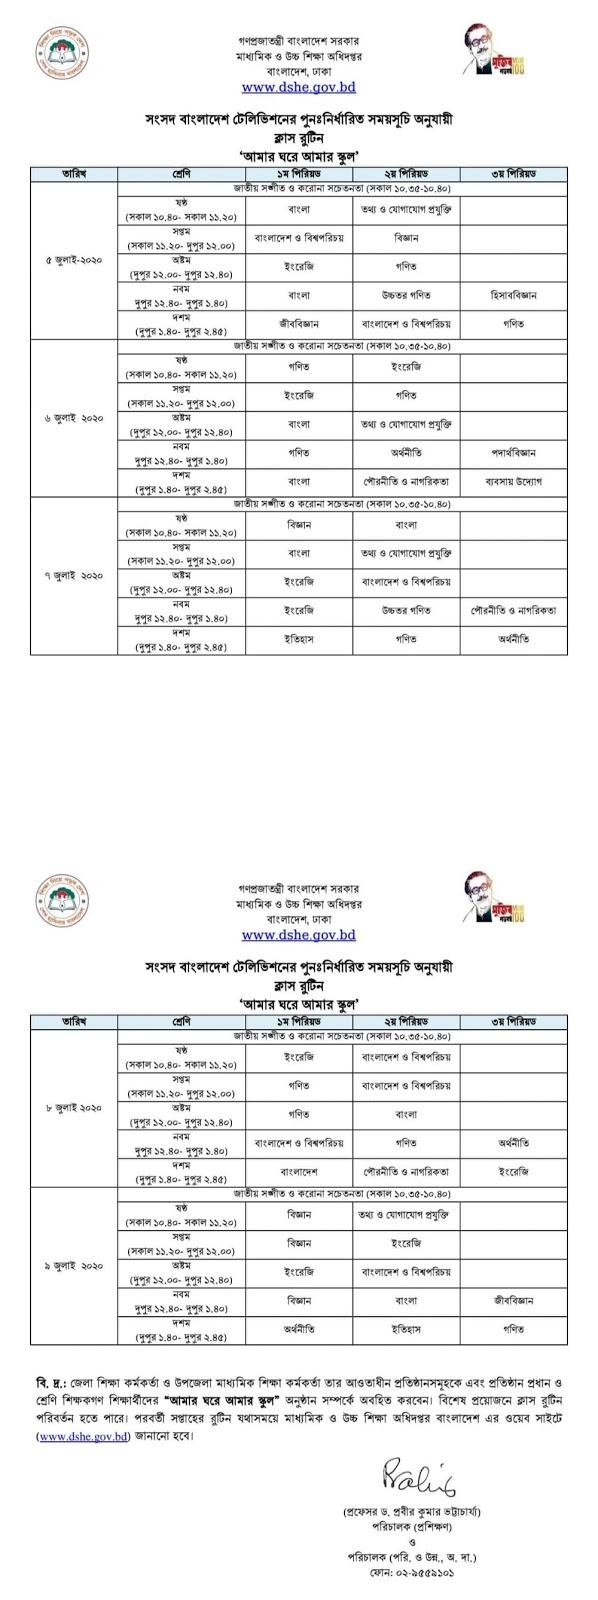 """আমার ঘরে আমার স্কুল"""" কার্যক্রমের ৫ - ৯ জুলাই পর্যন্ত ক্লাস রুটিন"""